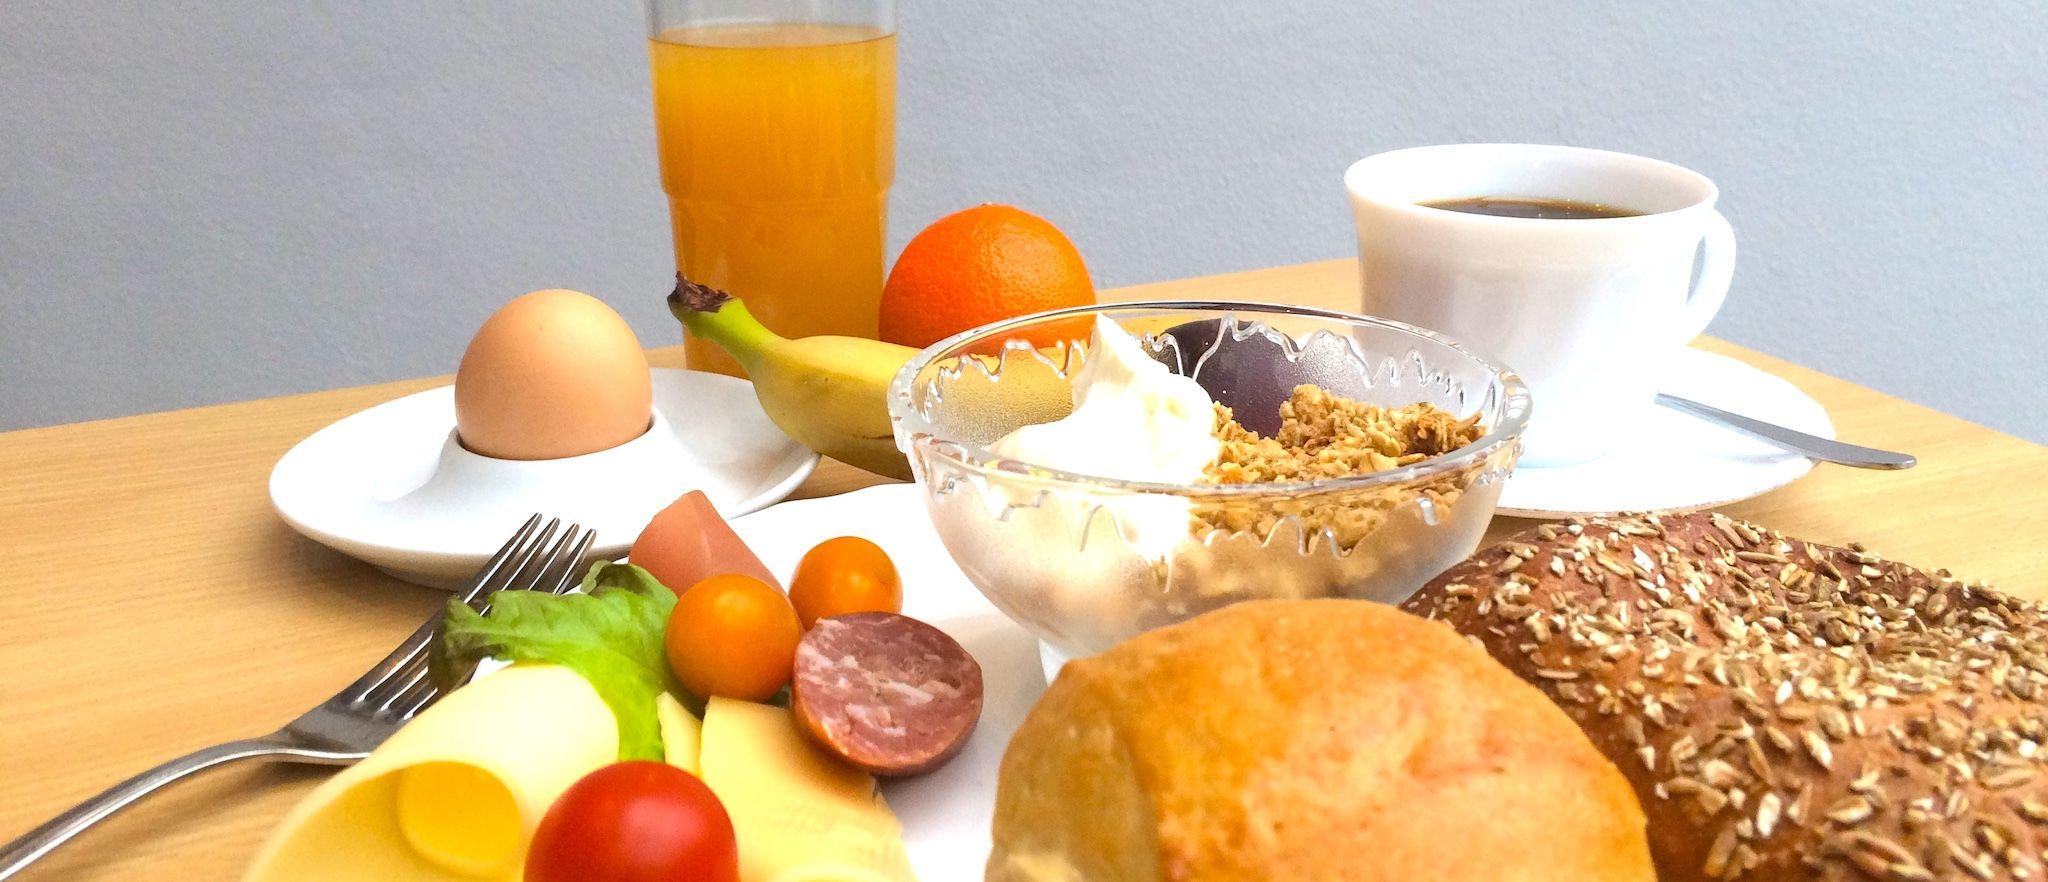 Üppiges Frühstück mit Kaffee, Brötchen, Marmelade, Käse, Wurst und mehr